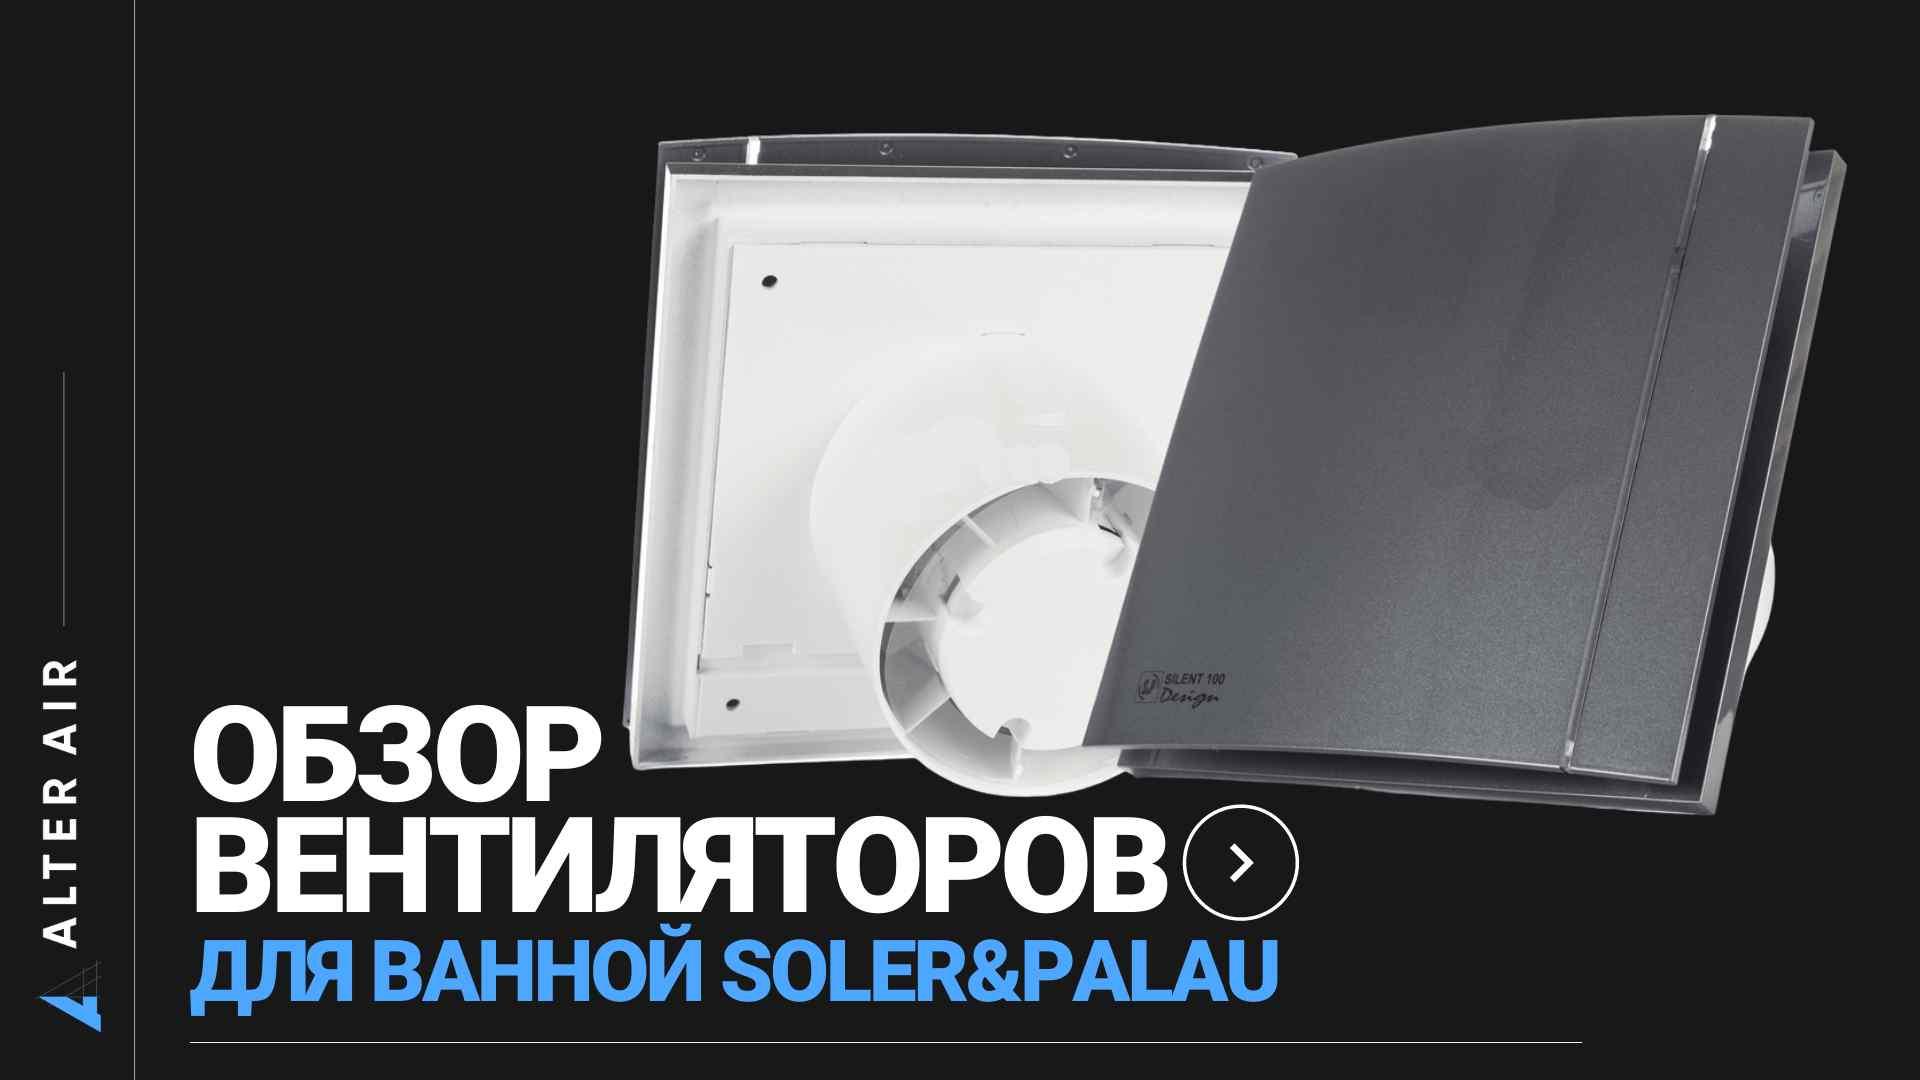 Чорний та сірий вентилятори для ванної Soler&Palau